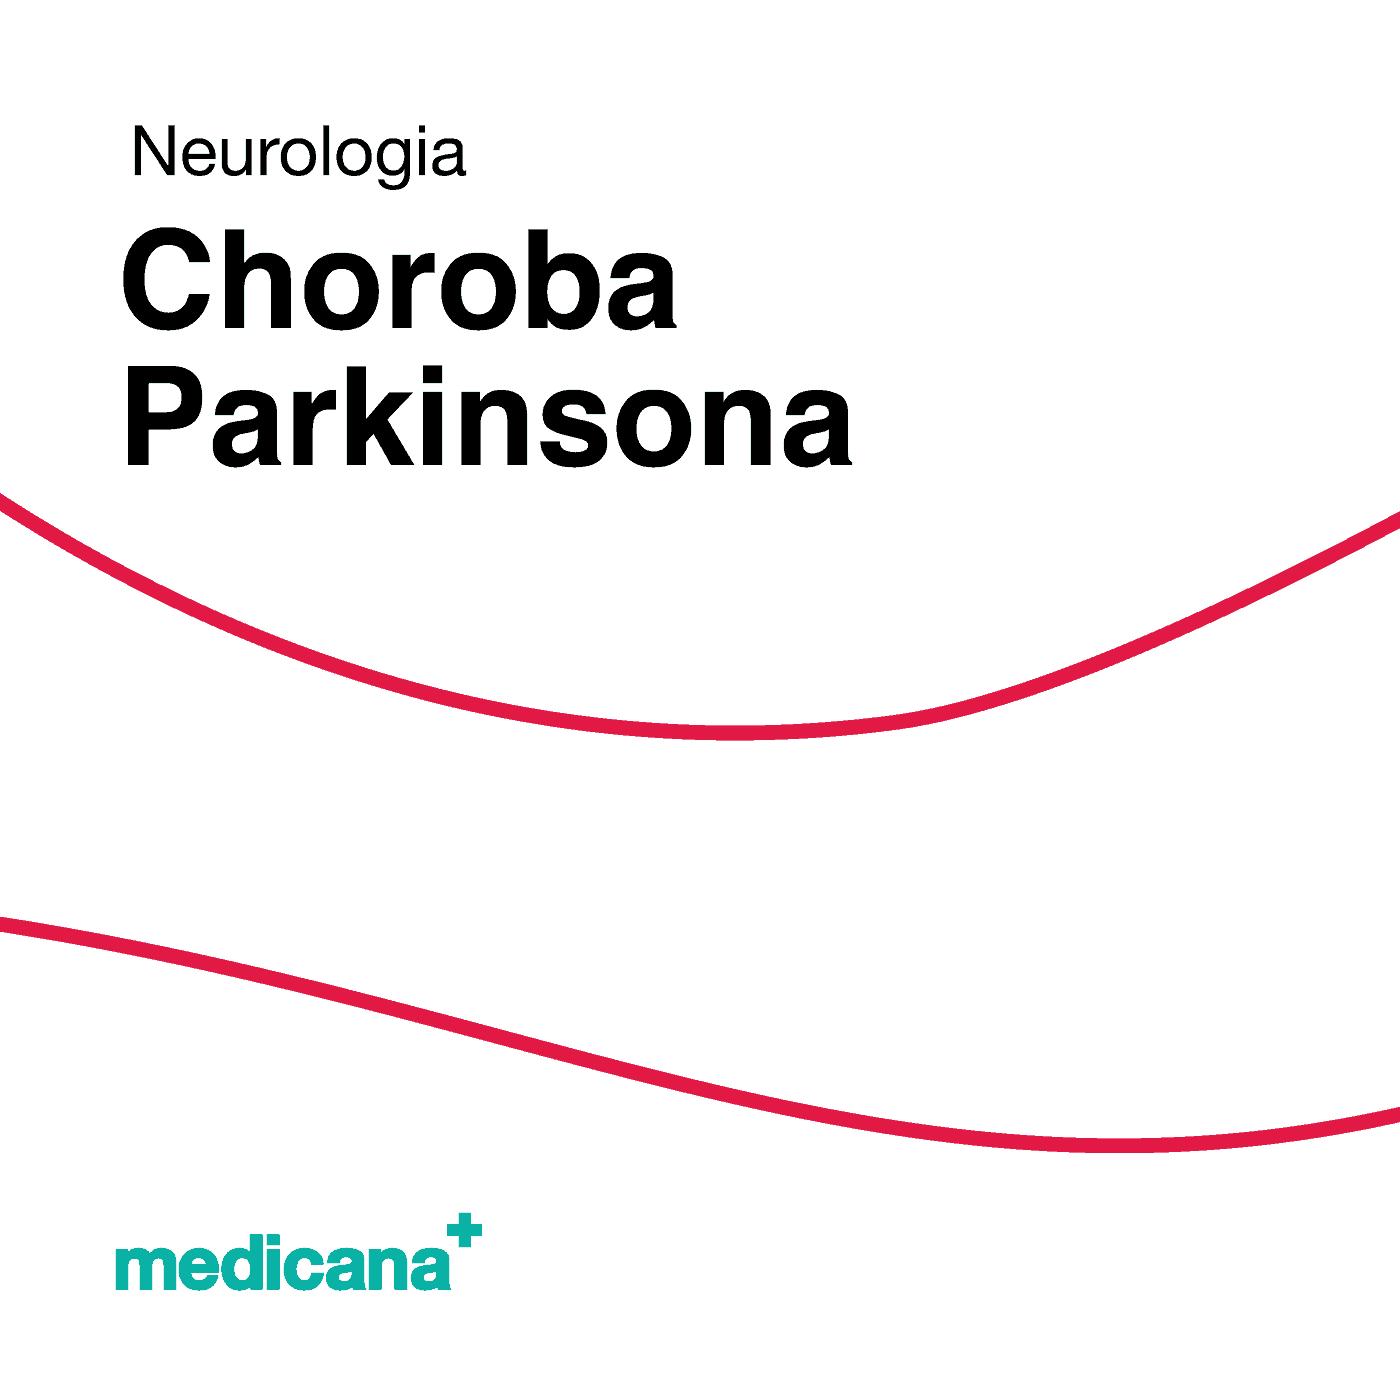 Grafika, białe tło z czerwoną kreską, czarnym napisem Neurologia - Choroba Parkinsona oraz zielonym logo Medicana w lewym dolnym rogu.